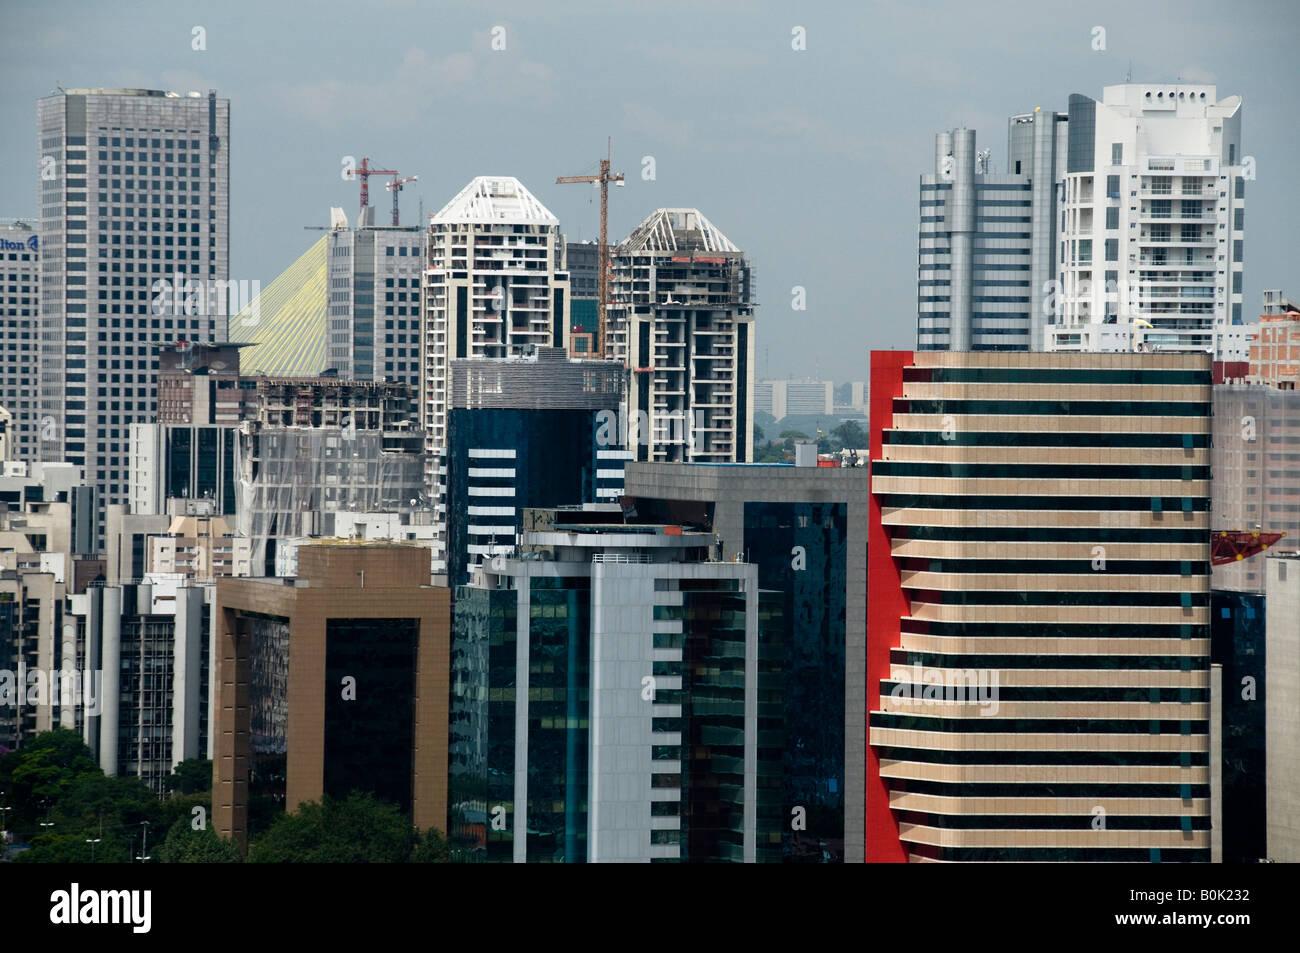 Sao Paulo s skyline visto desde la Avenida Berrini Sao Paulo, Brasil, 02 14 08 La avenida Berrini Imagen De Stock